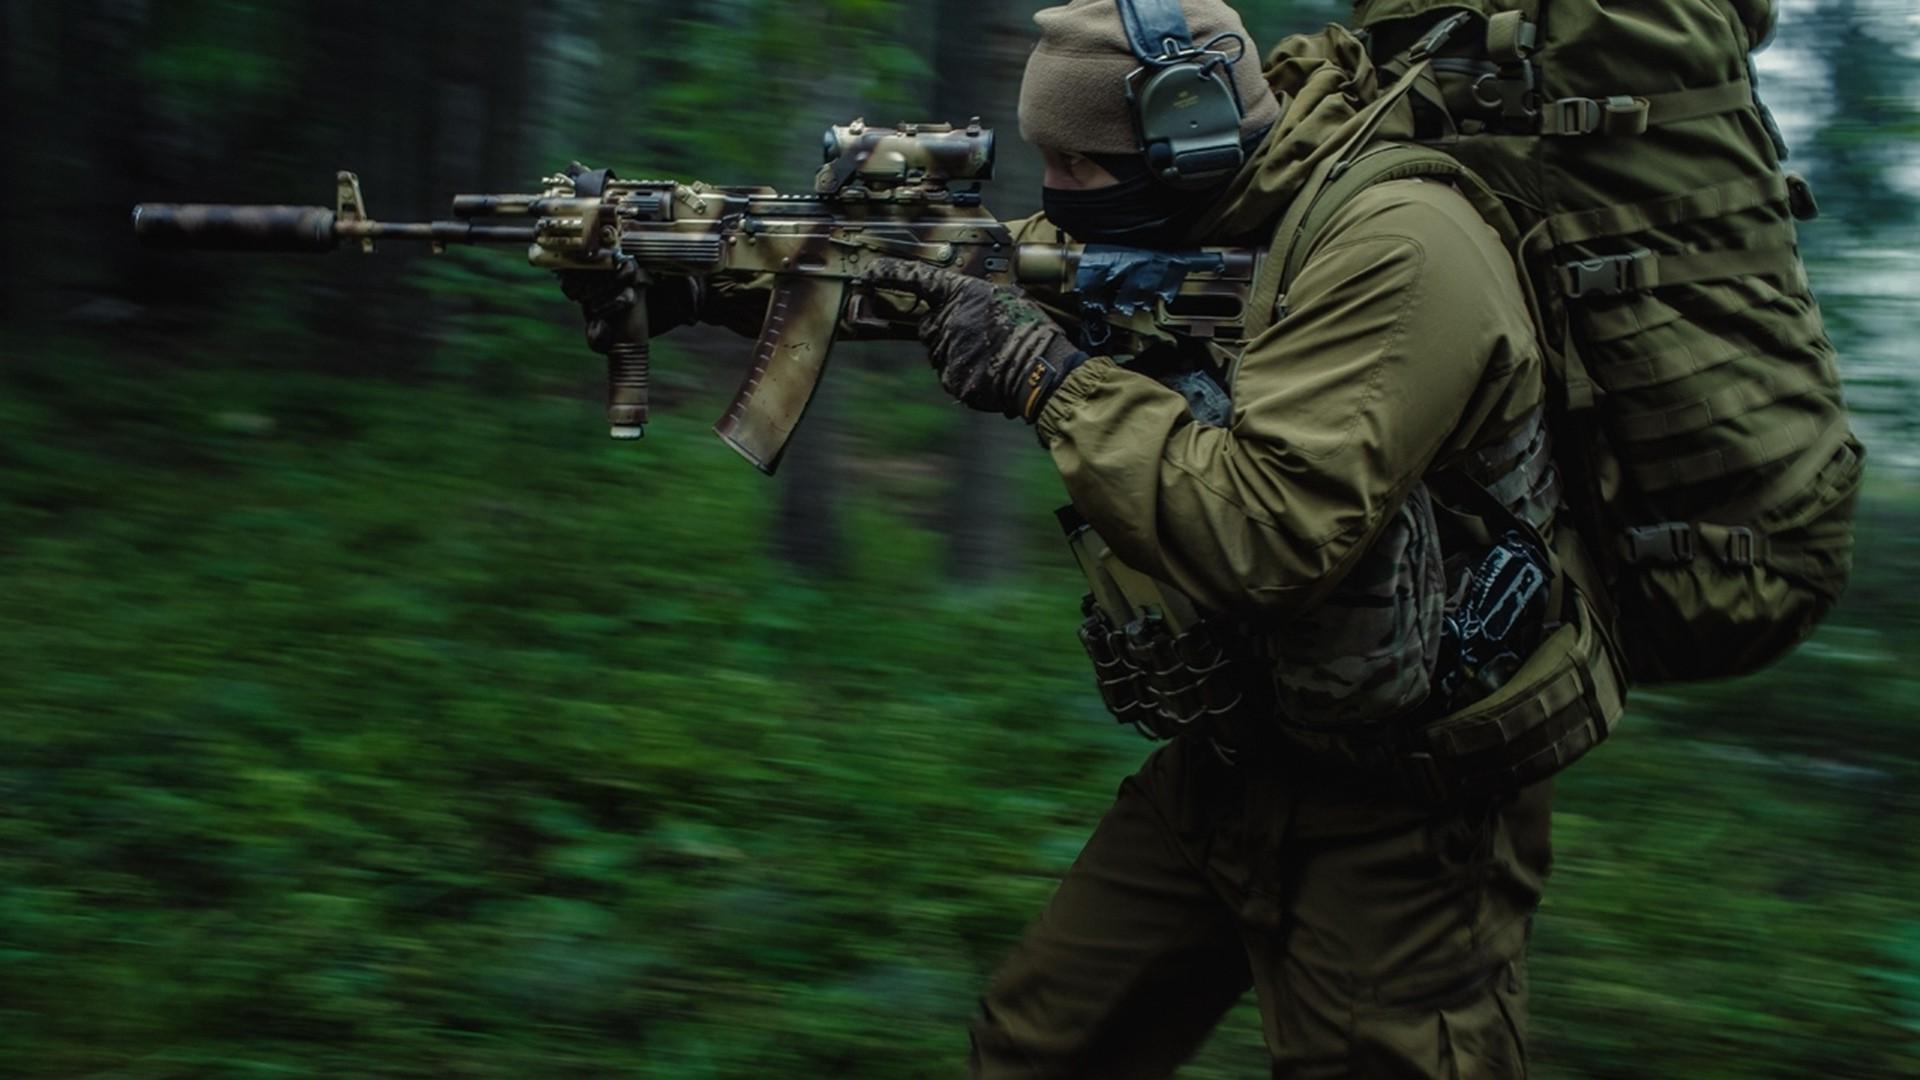 Swat Wallpaper 65 Pictures